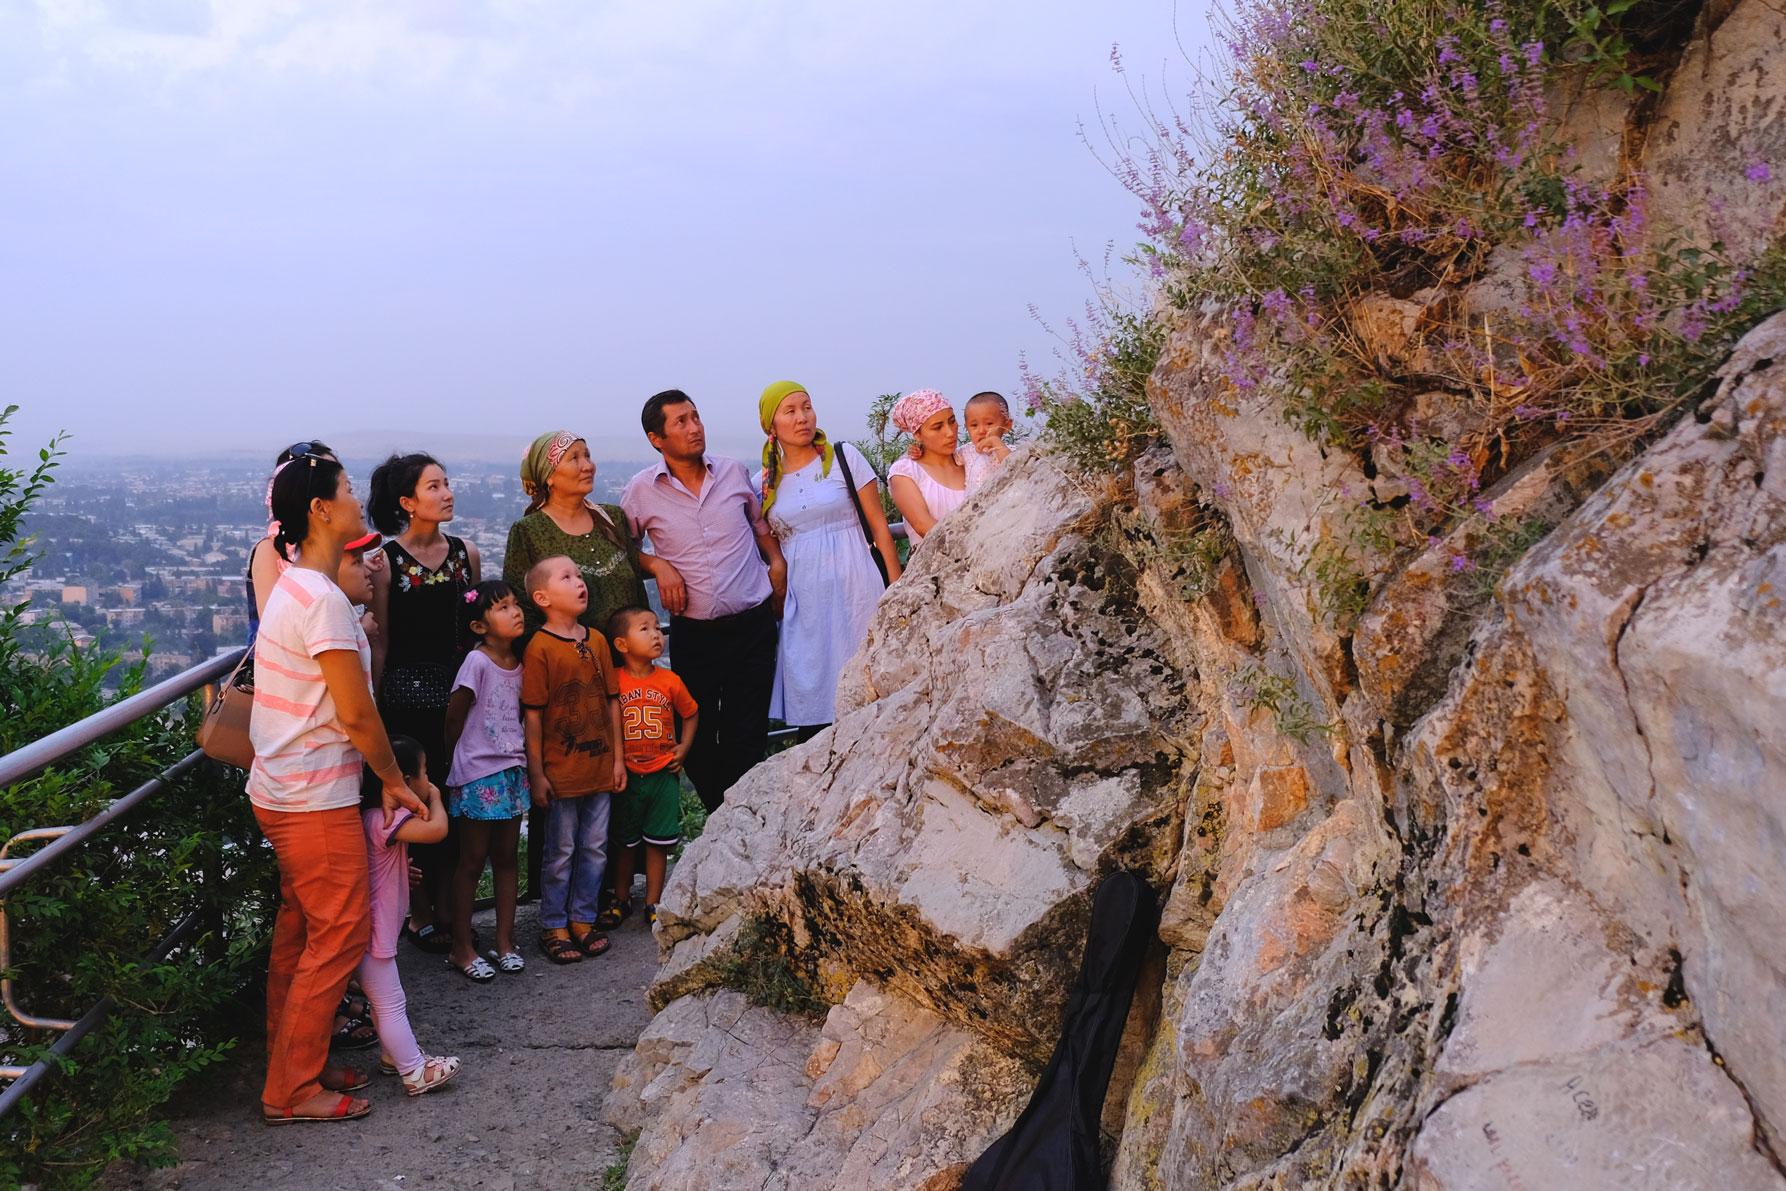 Eine kirgisische Familie schaut auf einen Felsen am Sulaiman-Too.